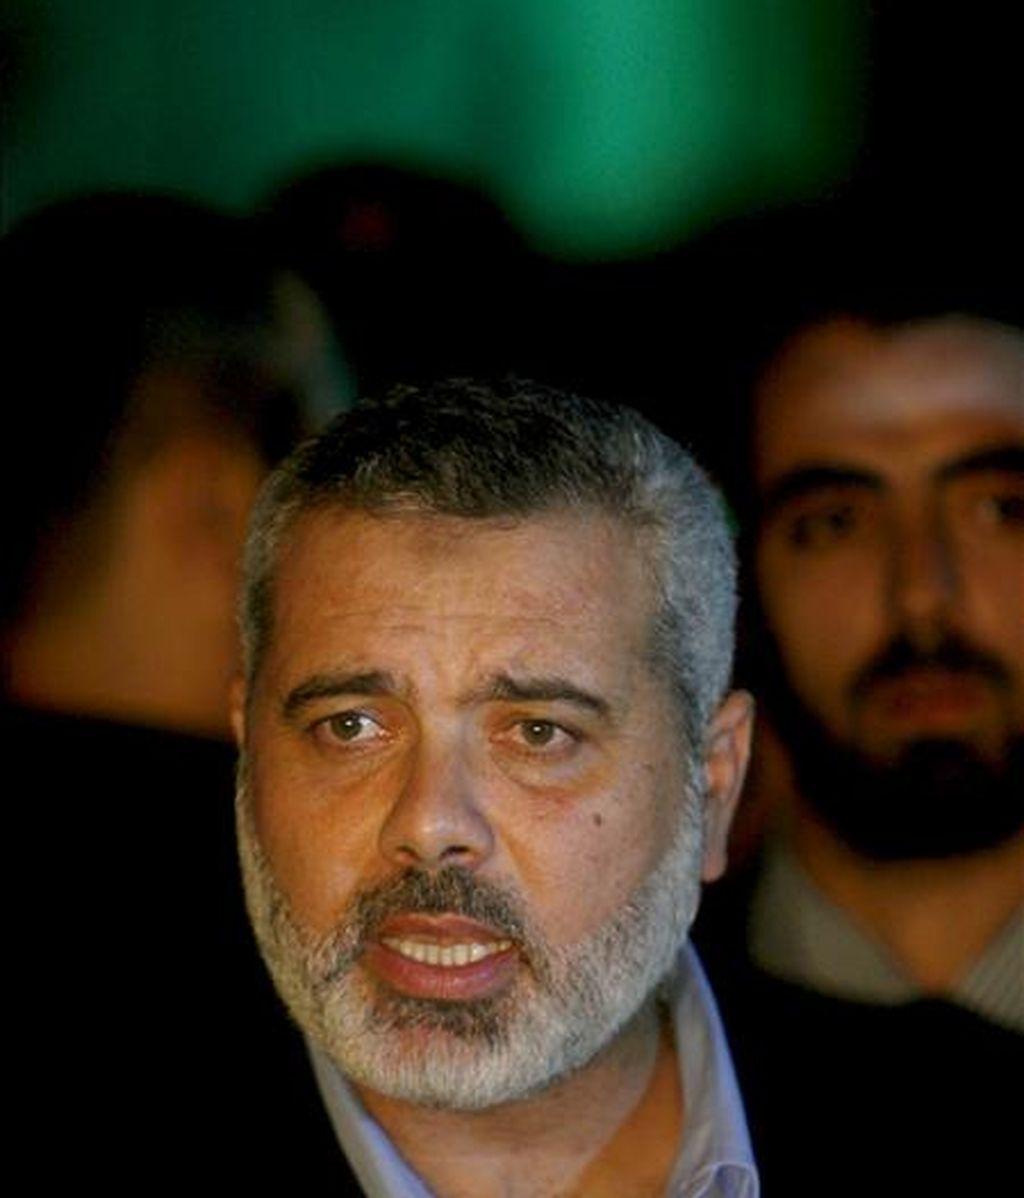 El ex primer ministro palestino y máximo dirigente de Hamás Ismael Haniye habla con la prensa en el exterior de las oficinas de la Cruz Roja durante su visita a los manifestantes que protestan en Gaza. EFE/Archivo